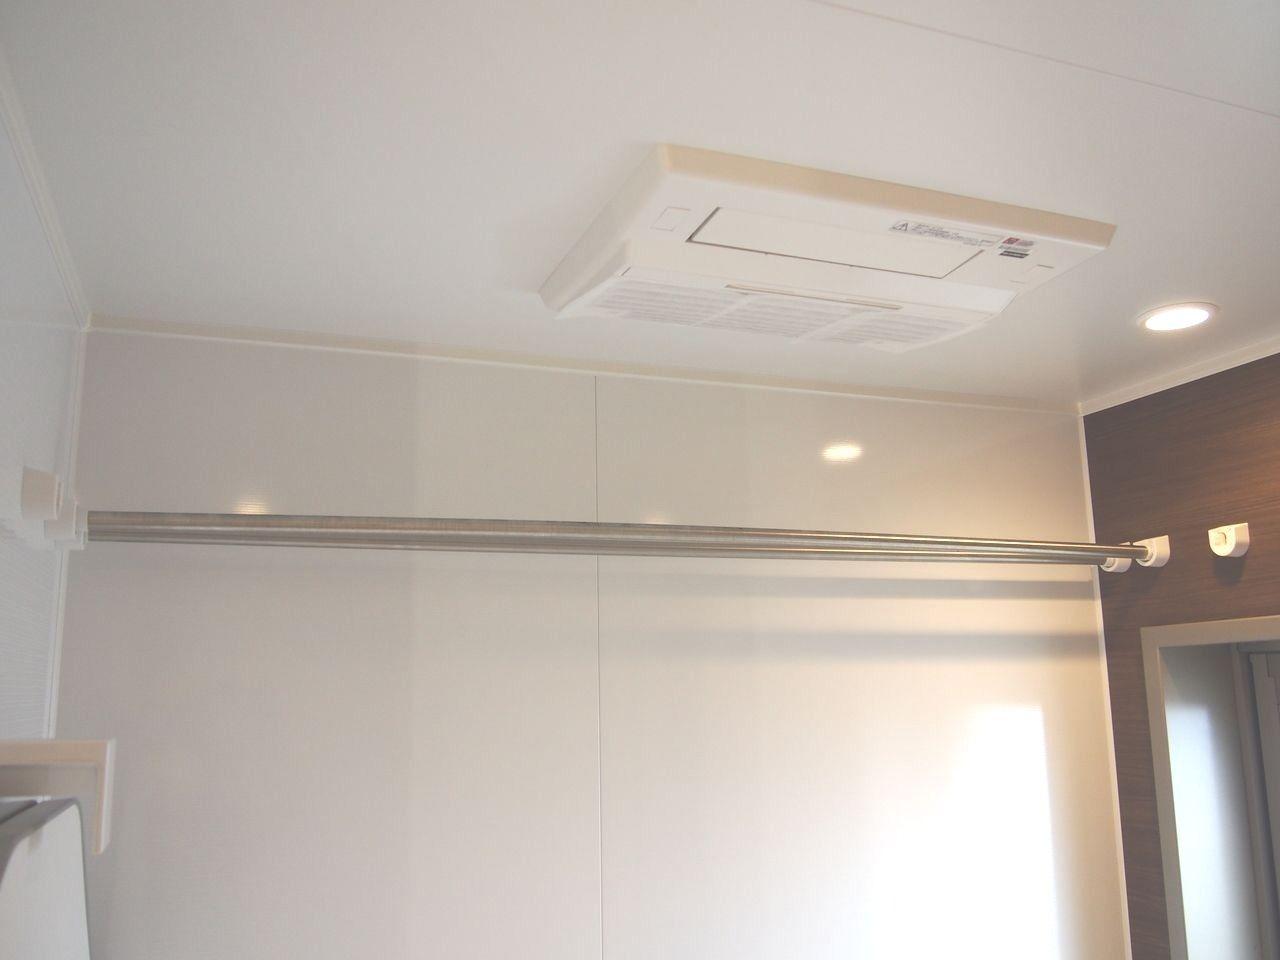 雨天の洗濯物の乾燥や急な温度変化によるヒートショックの防止にも役立つ浴室暖房乾燥機をビルトイン